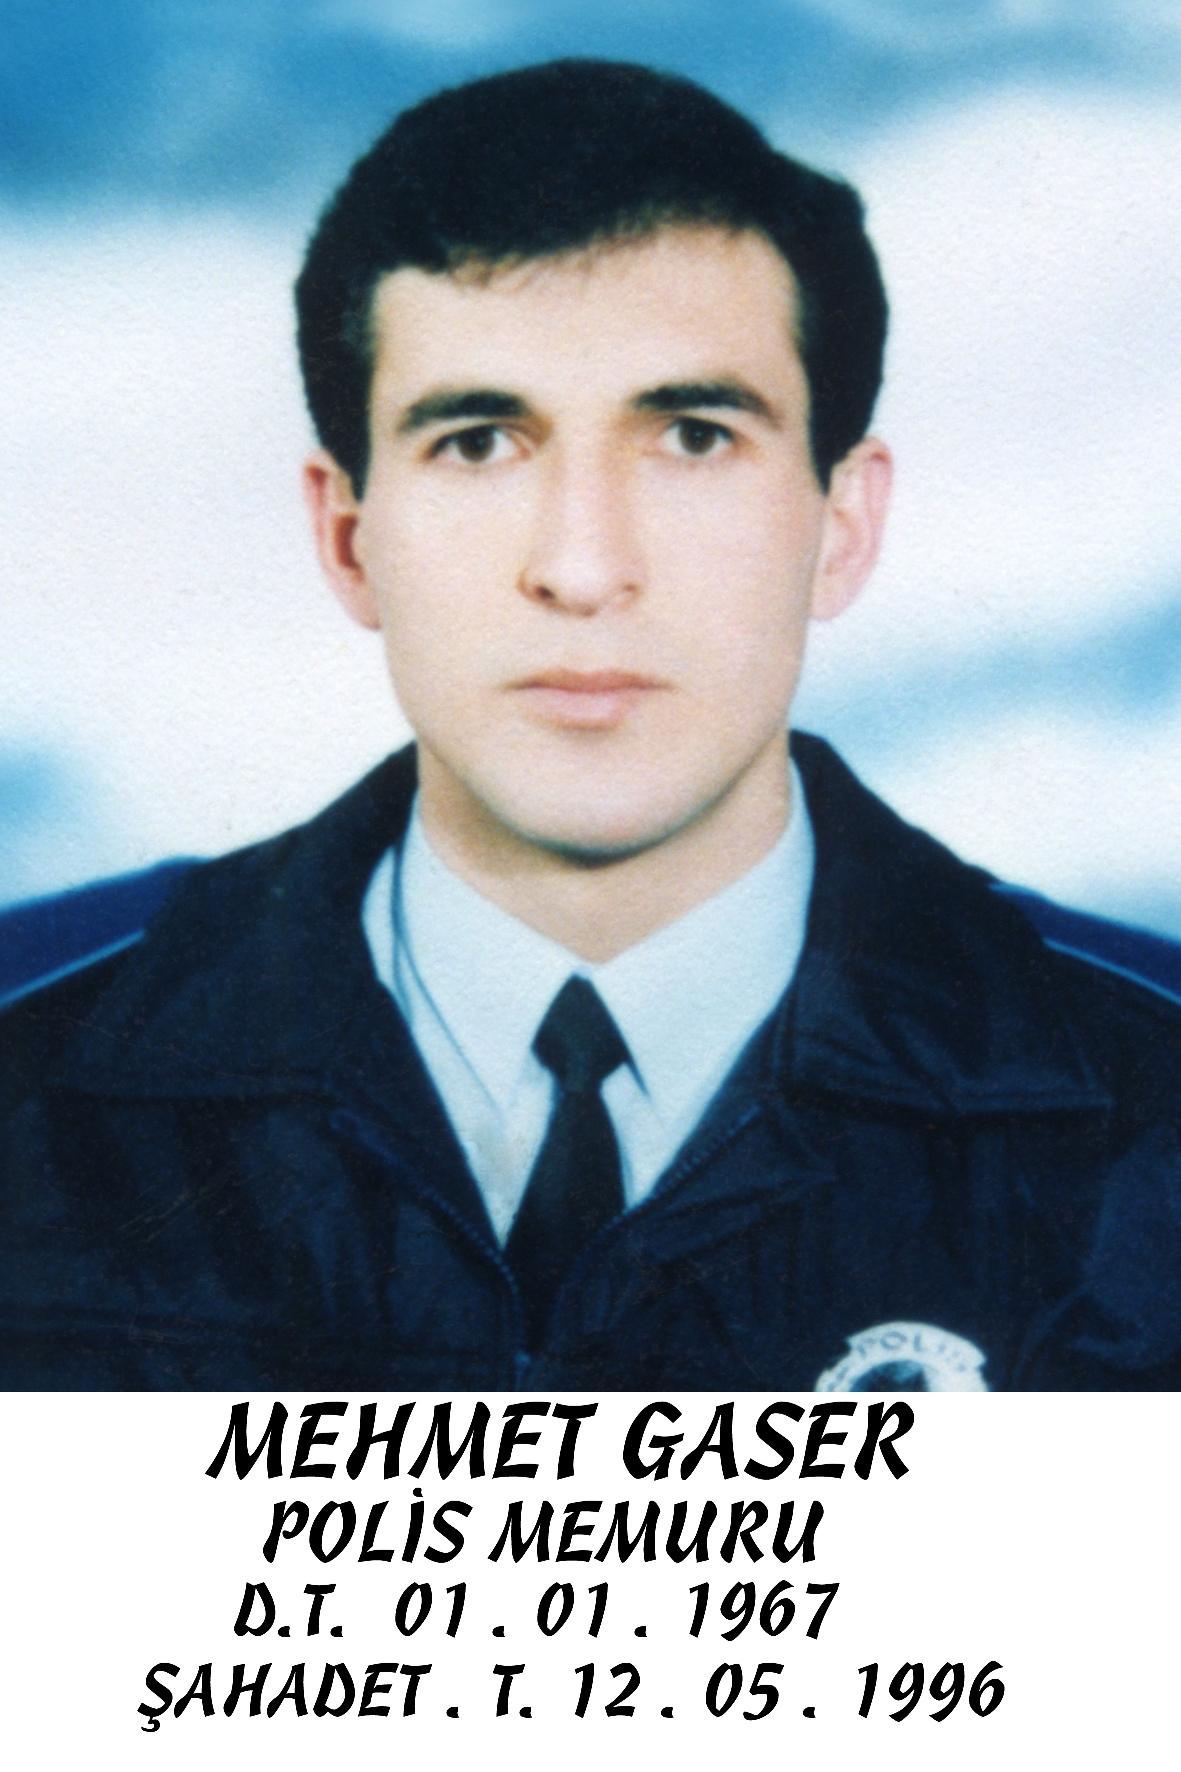 MEHMET GASER